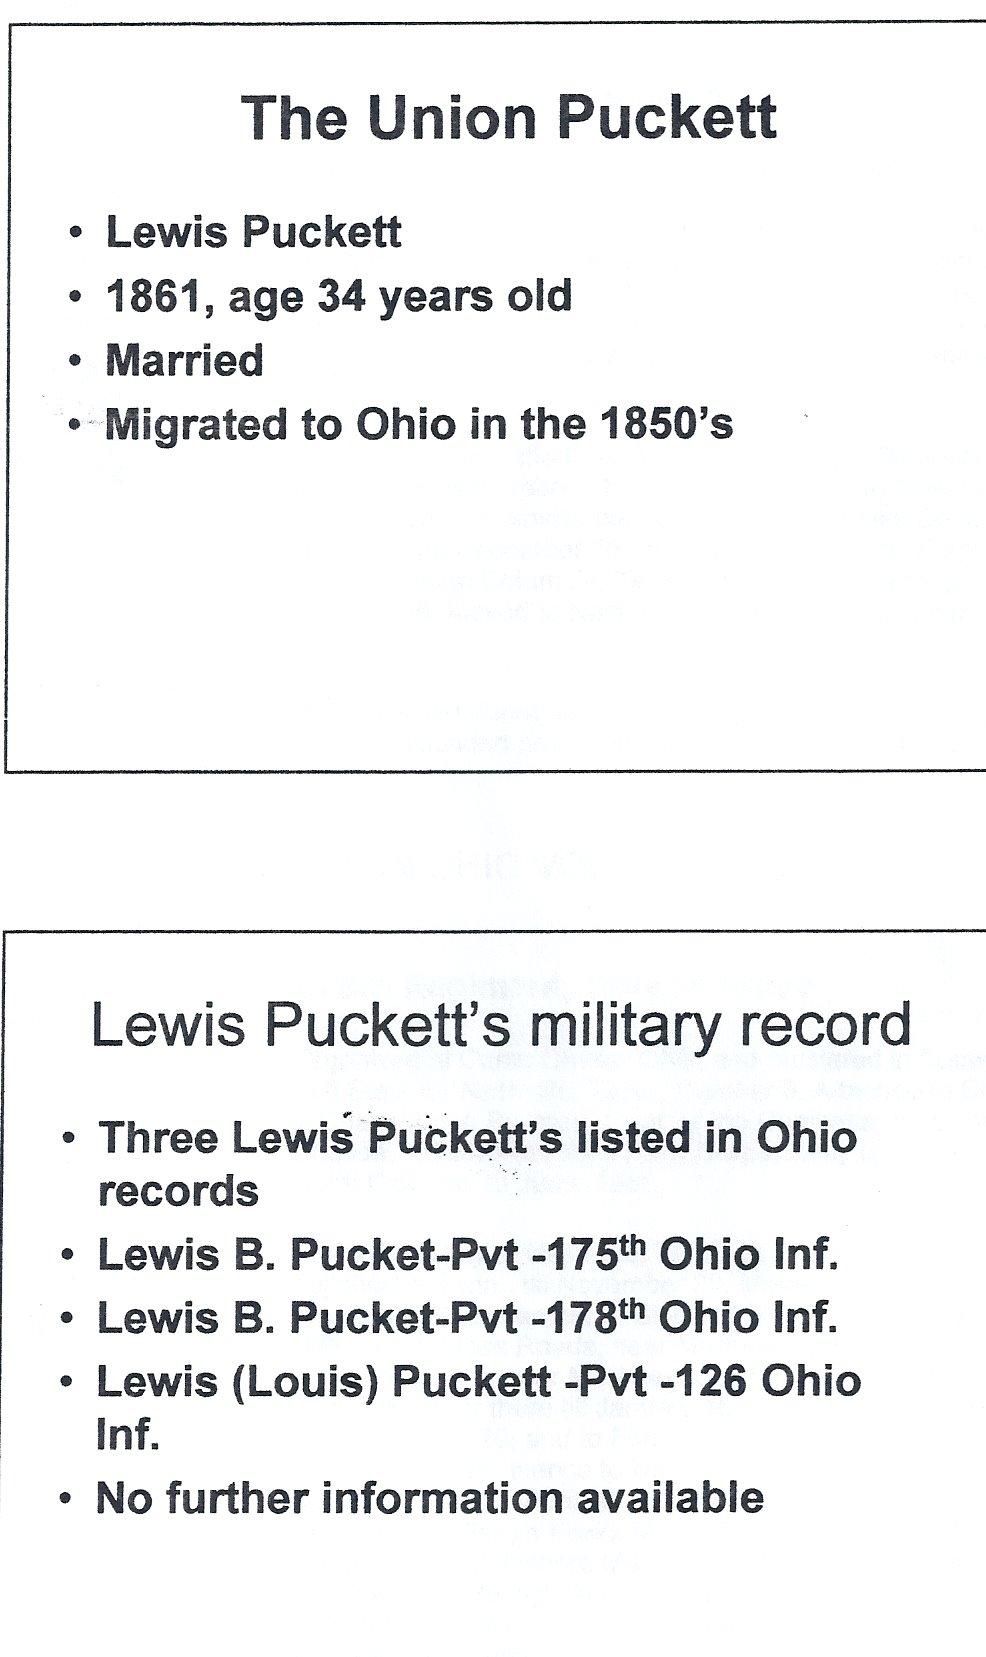 Lewis Puckett